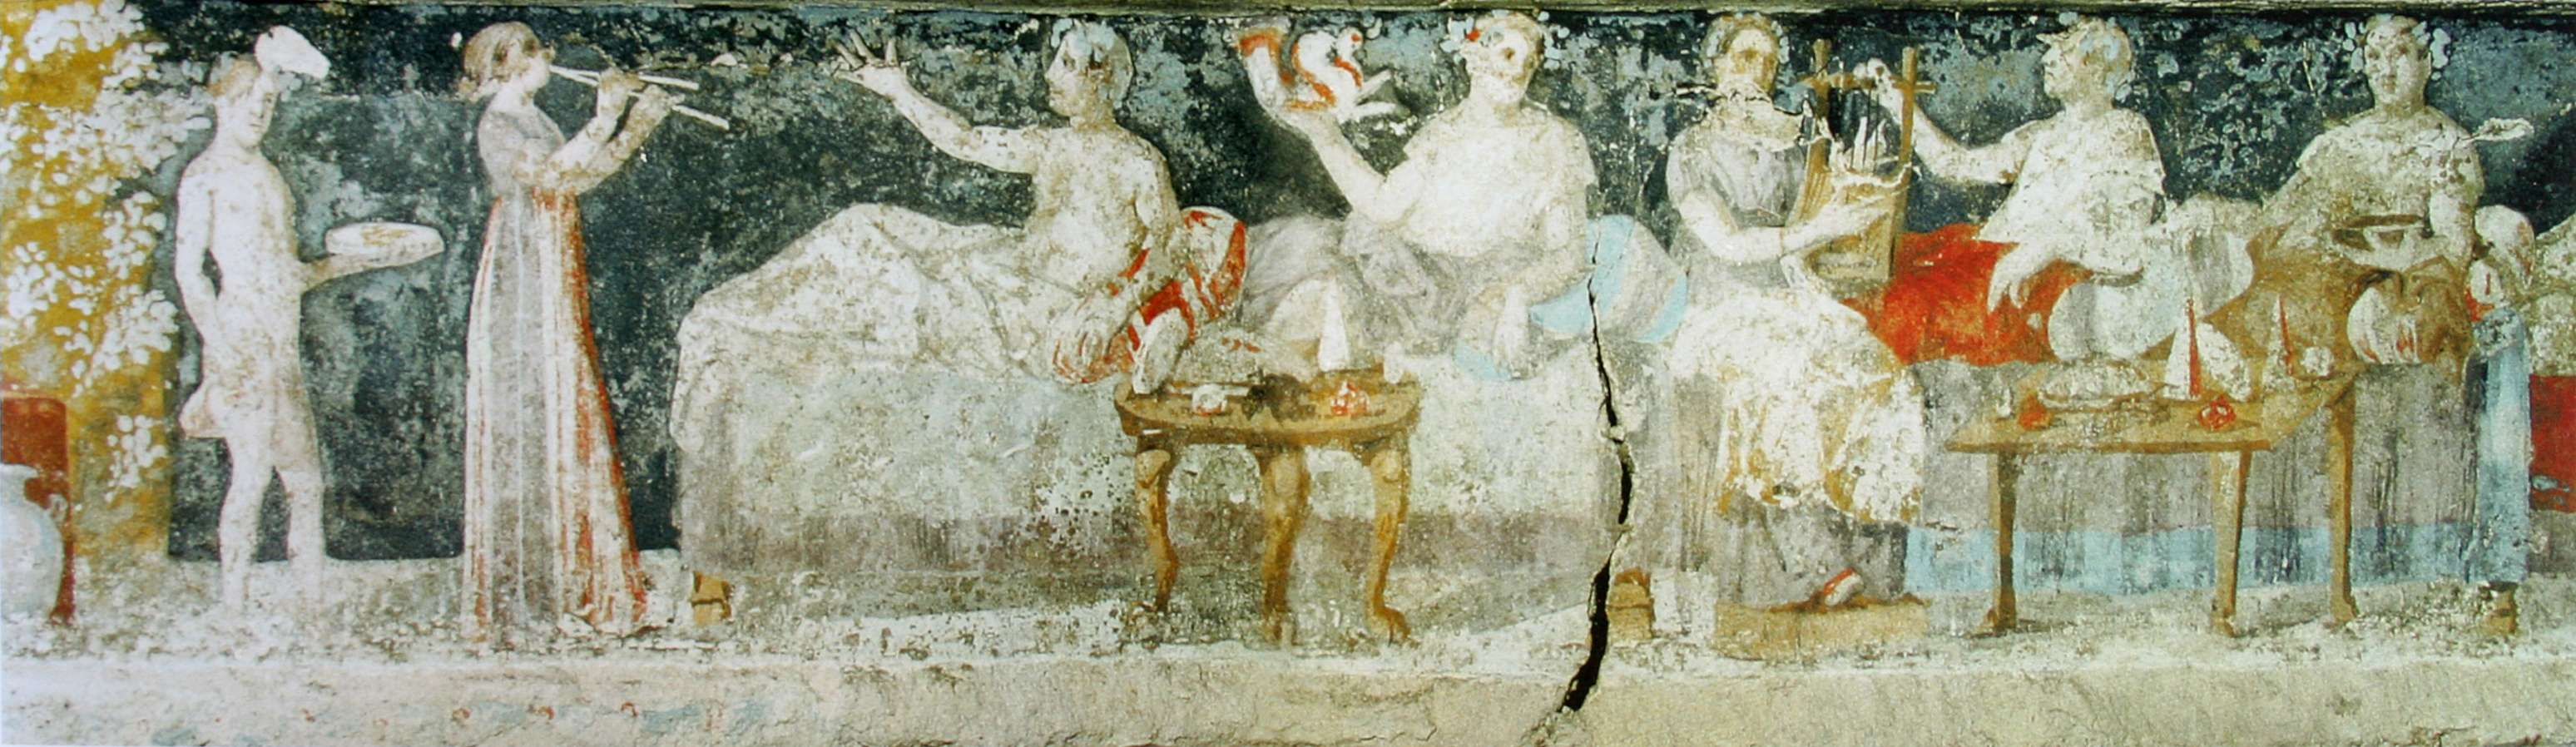 Σκηνή συμποσίου. Μακεδονικός τάφος Αγίου Αθανασίου Θεσσαλονίκης, π. 325-300 πΧ.